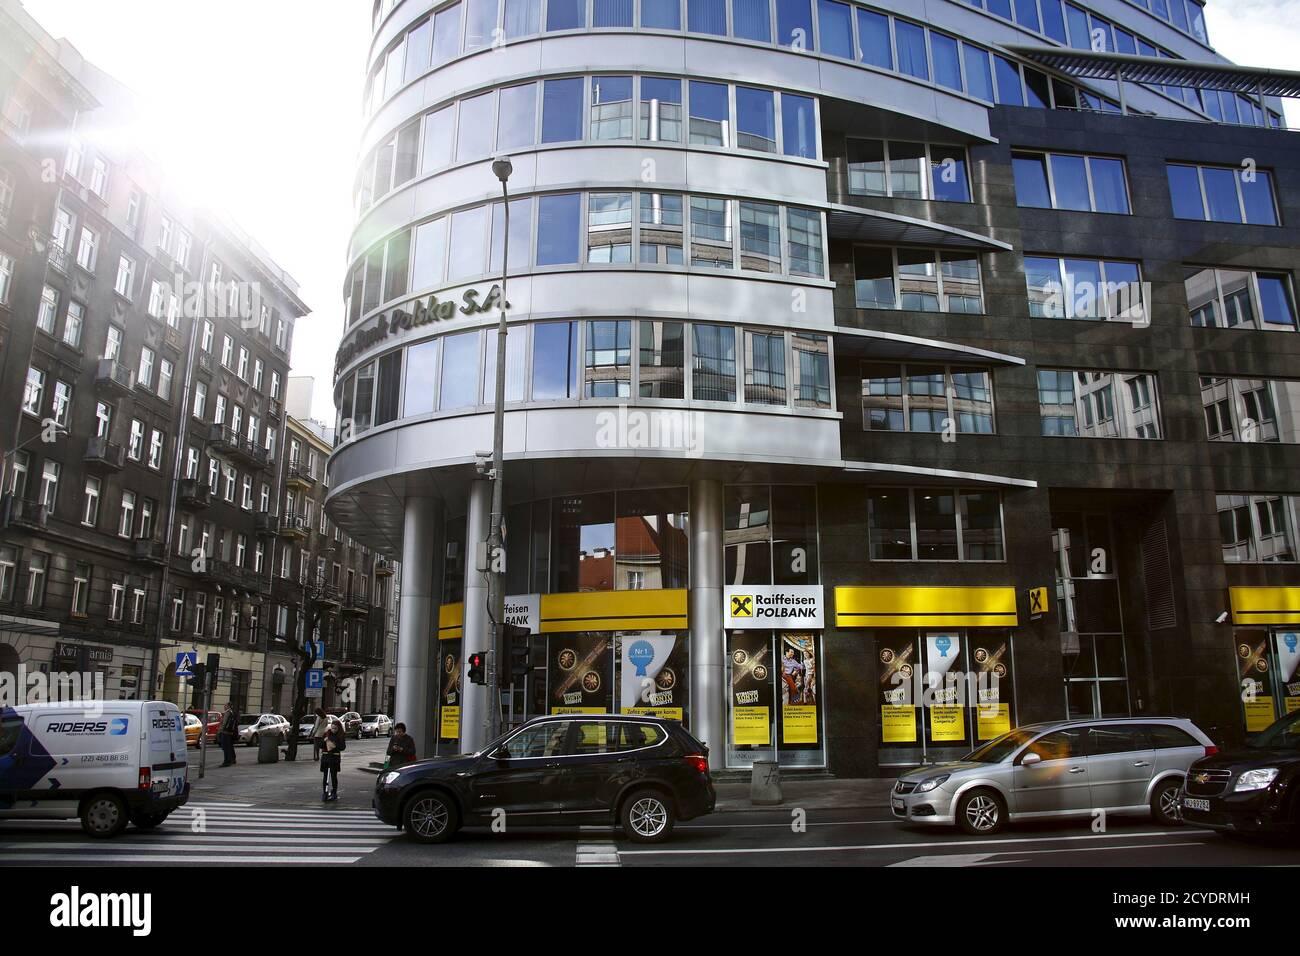 Les gens marchent devant le siège de Raiffeisen Polbank à Varsovie le 30 mars 2015. Le chef du plus grand assureur de Pologne, PZU, a déclaré lundi que son entreprise se penchera sur la vente prévue de la banque n°7 du pays, Raiffeisen Polbank, qui a été mise en vente par son propriétaire autrichien, Raiffeisen Bank International. REUTERS/Kacper Pempel Banque D'Images